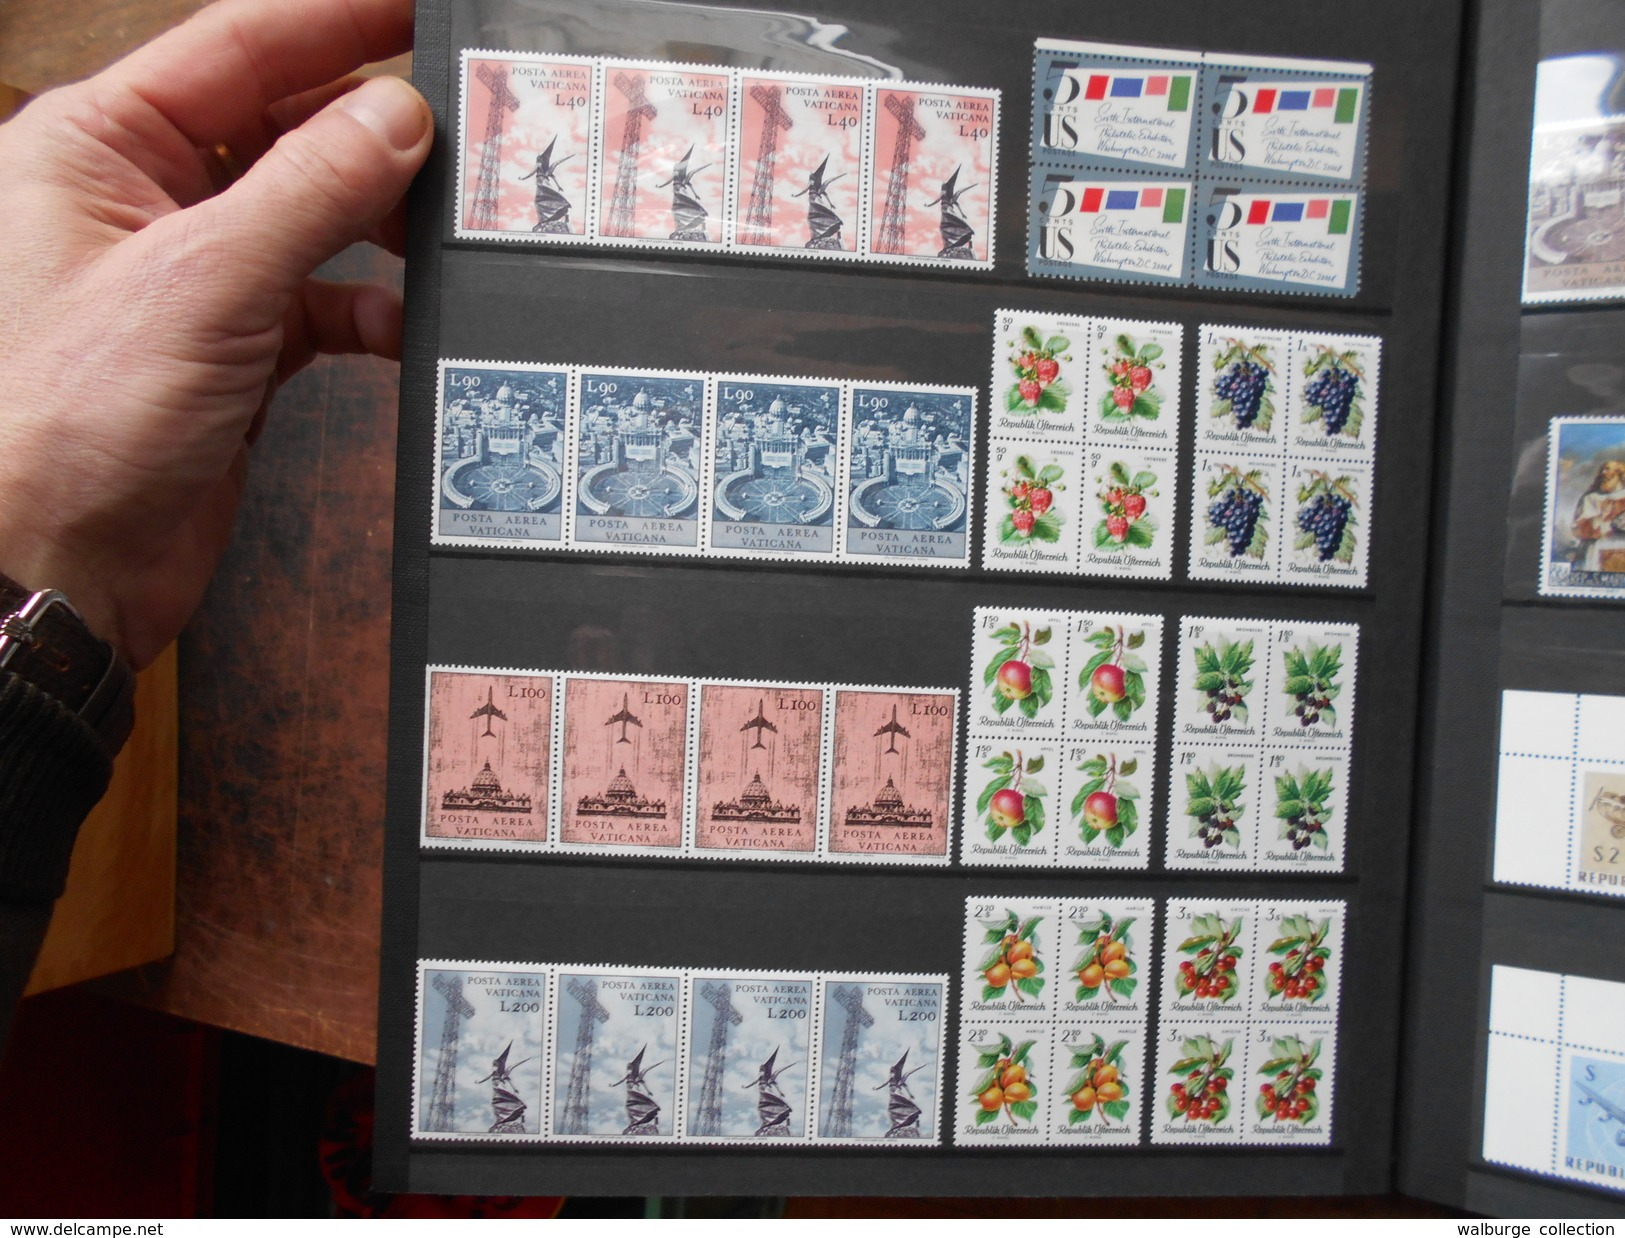 DEPART 1 EURO ! BELGIQUE (MAJORITES) + EUROPE TOUT EN NEUF ET BLOCS DE 4. (1909) 2 KILOS 300 - Collections